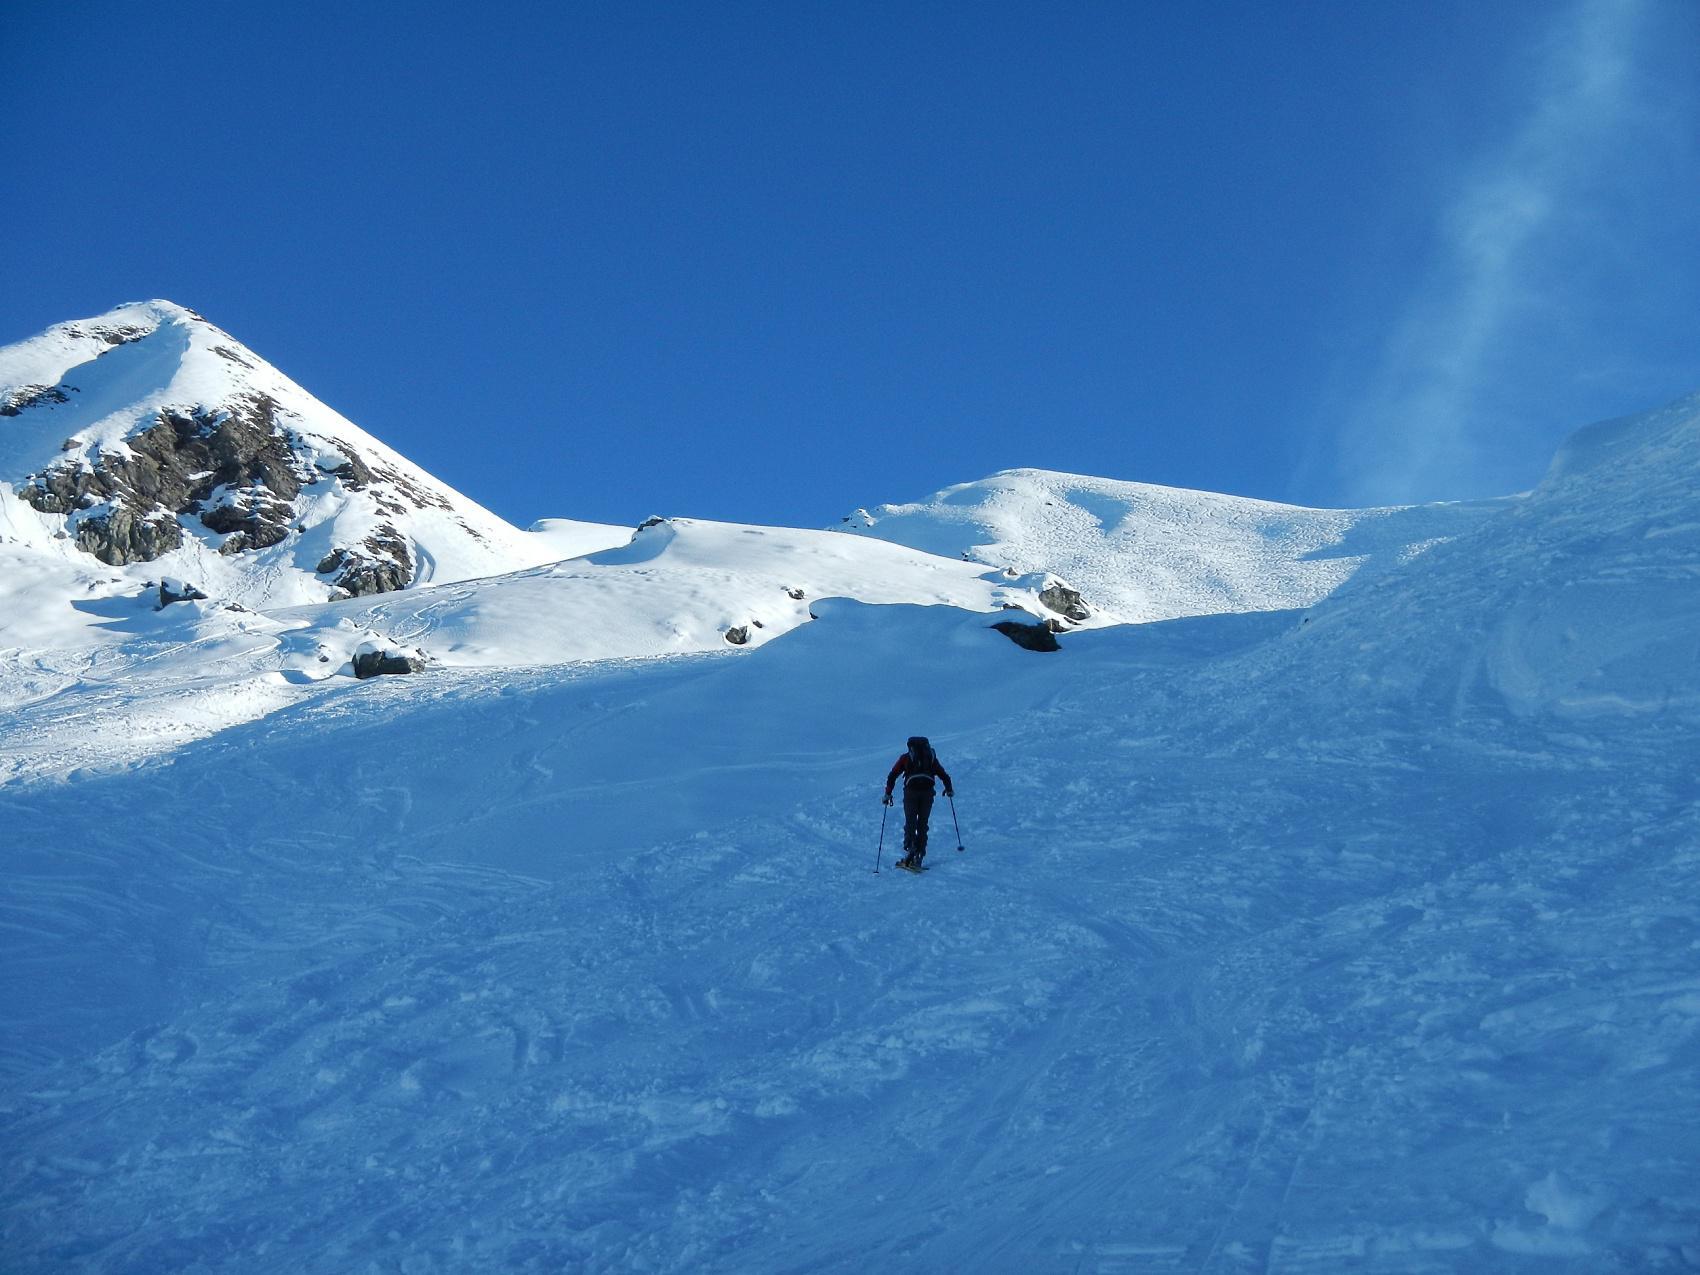 una serie di vallocelli ideali per lo sci